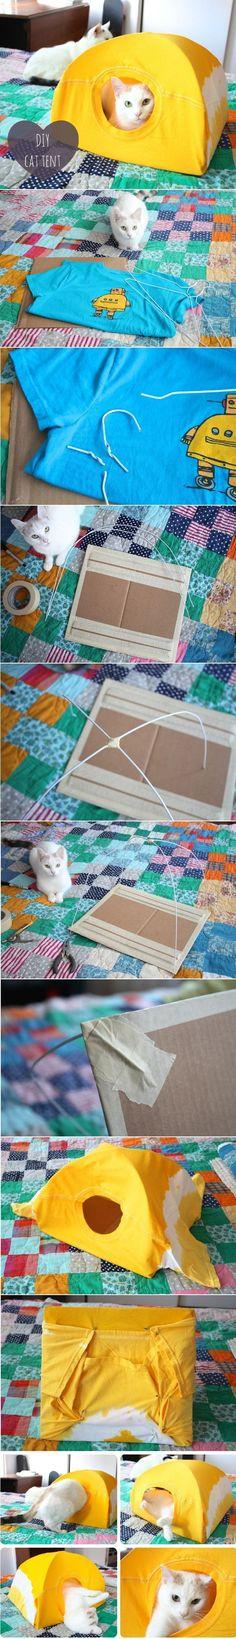 DIY #Katzenspielzeug: Wenn du dein T-Shirt nicht mehr brauchst, bastel daraus ein Spielzeug für deine Katze.